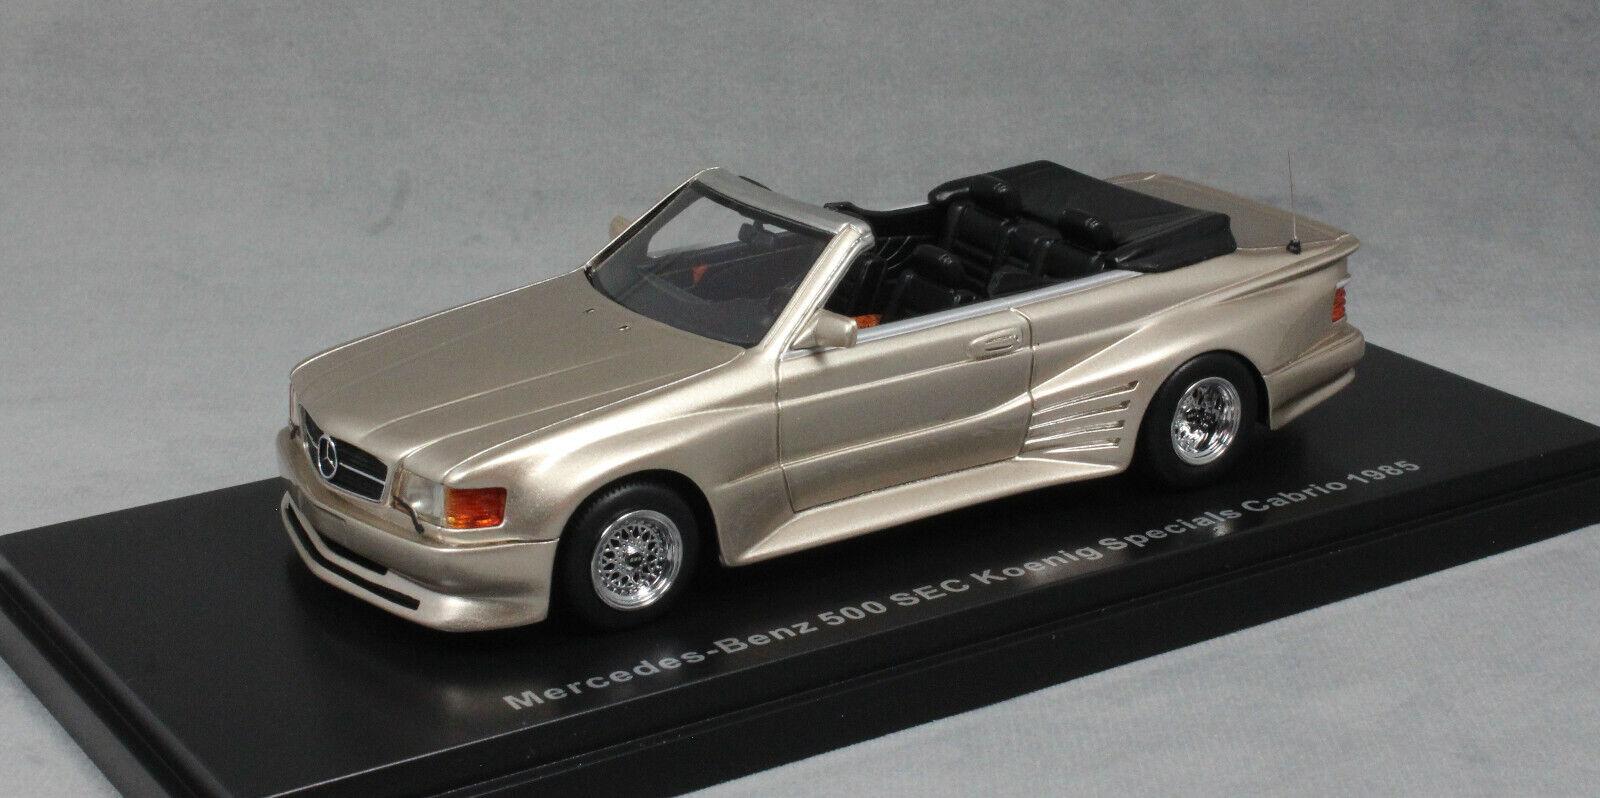 NEO Models Mercedes-Benz 500 sec da KOENIG in oro metallizzato 46570 1/43 NUOVI